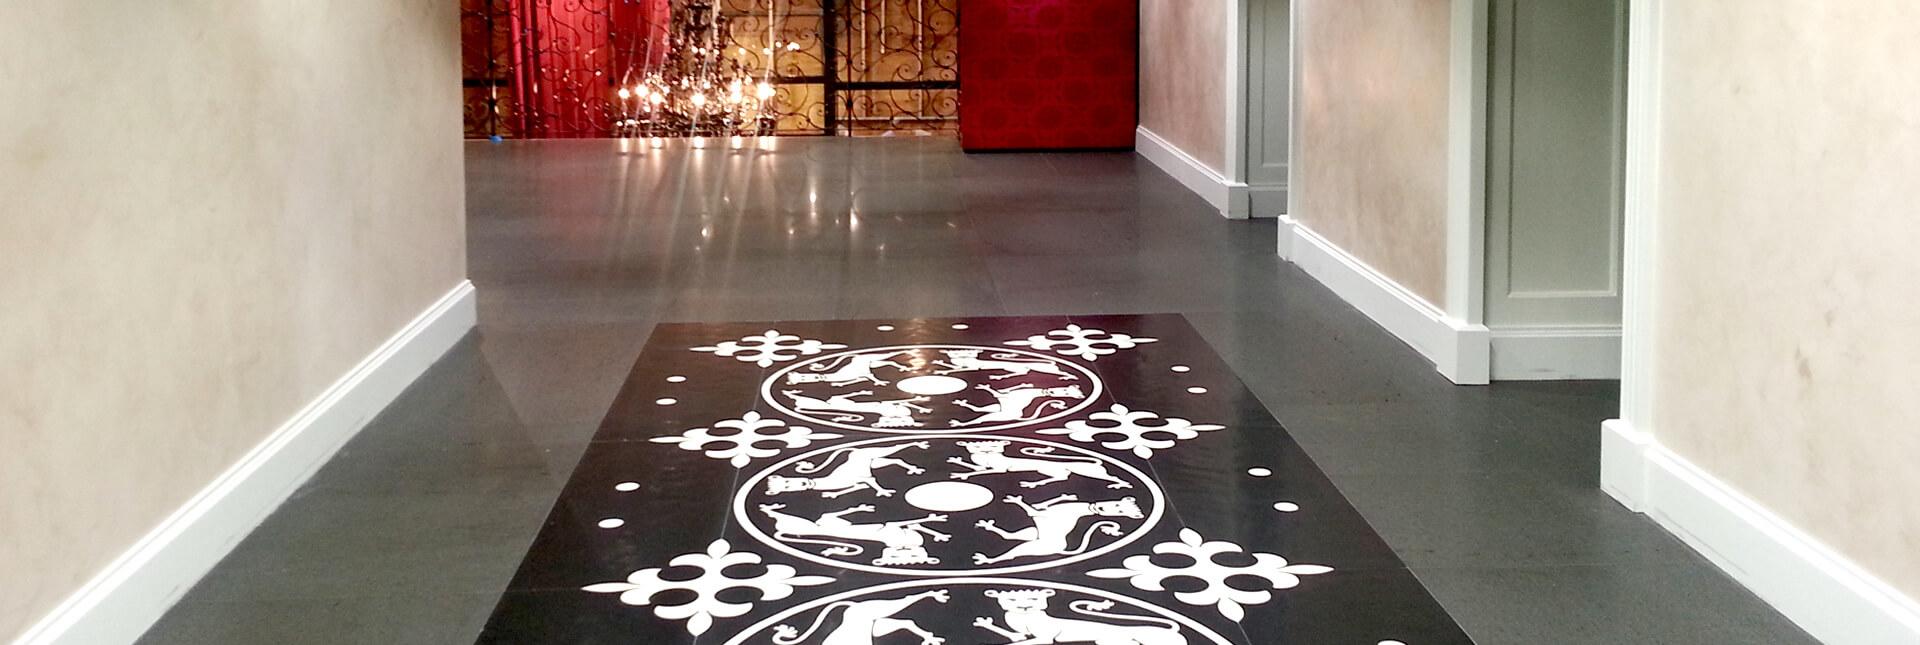 Stone Surgeon - Granite and Slate Floor Tile